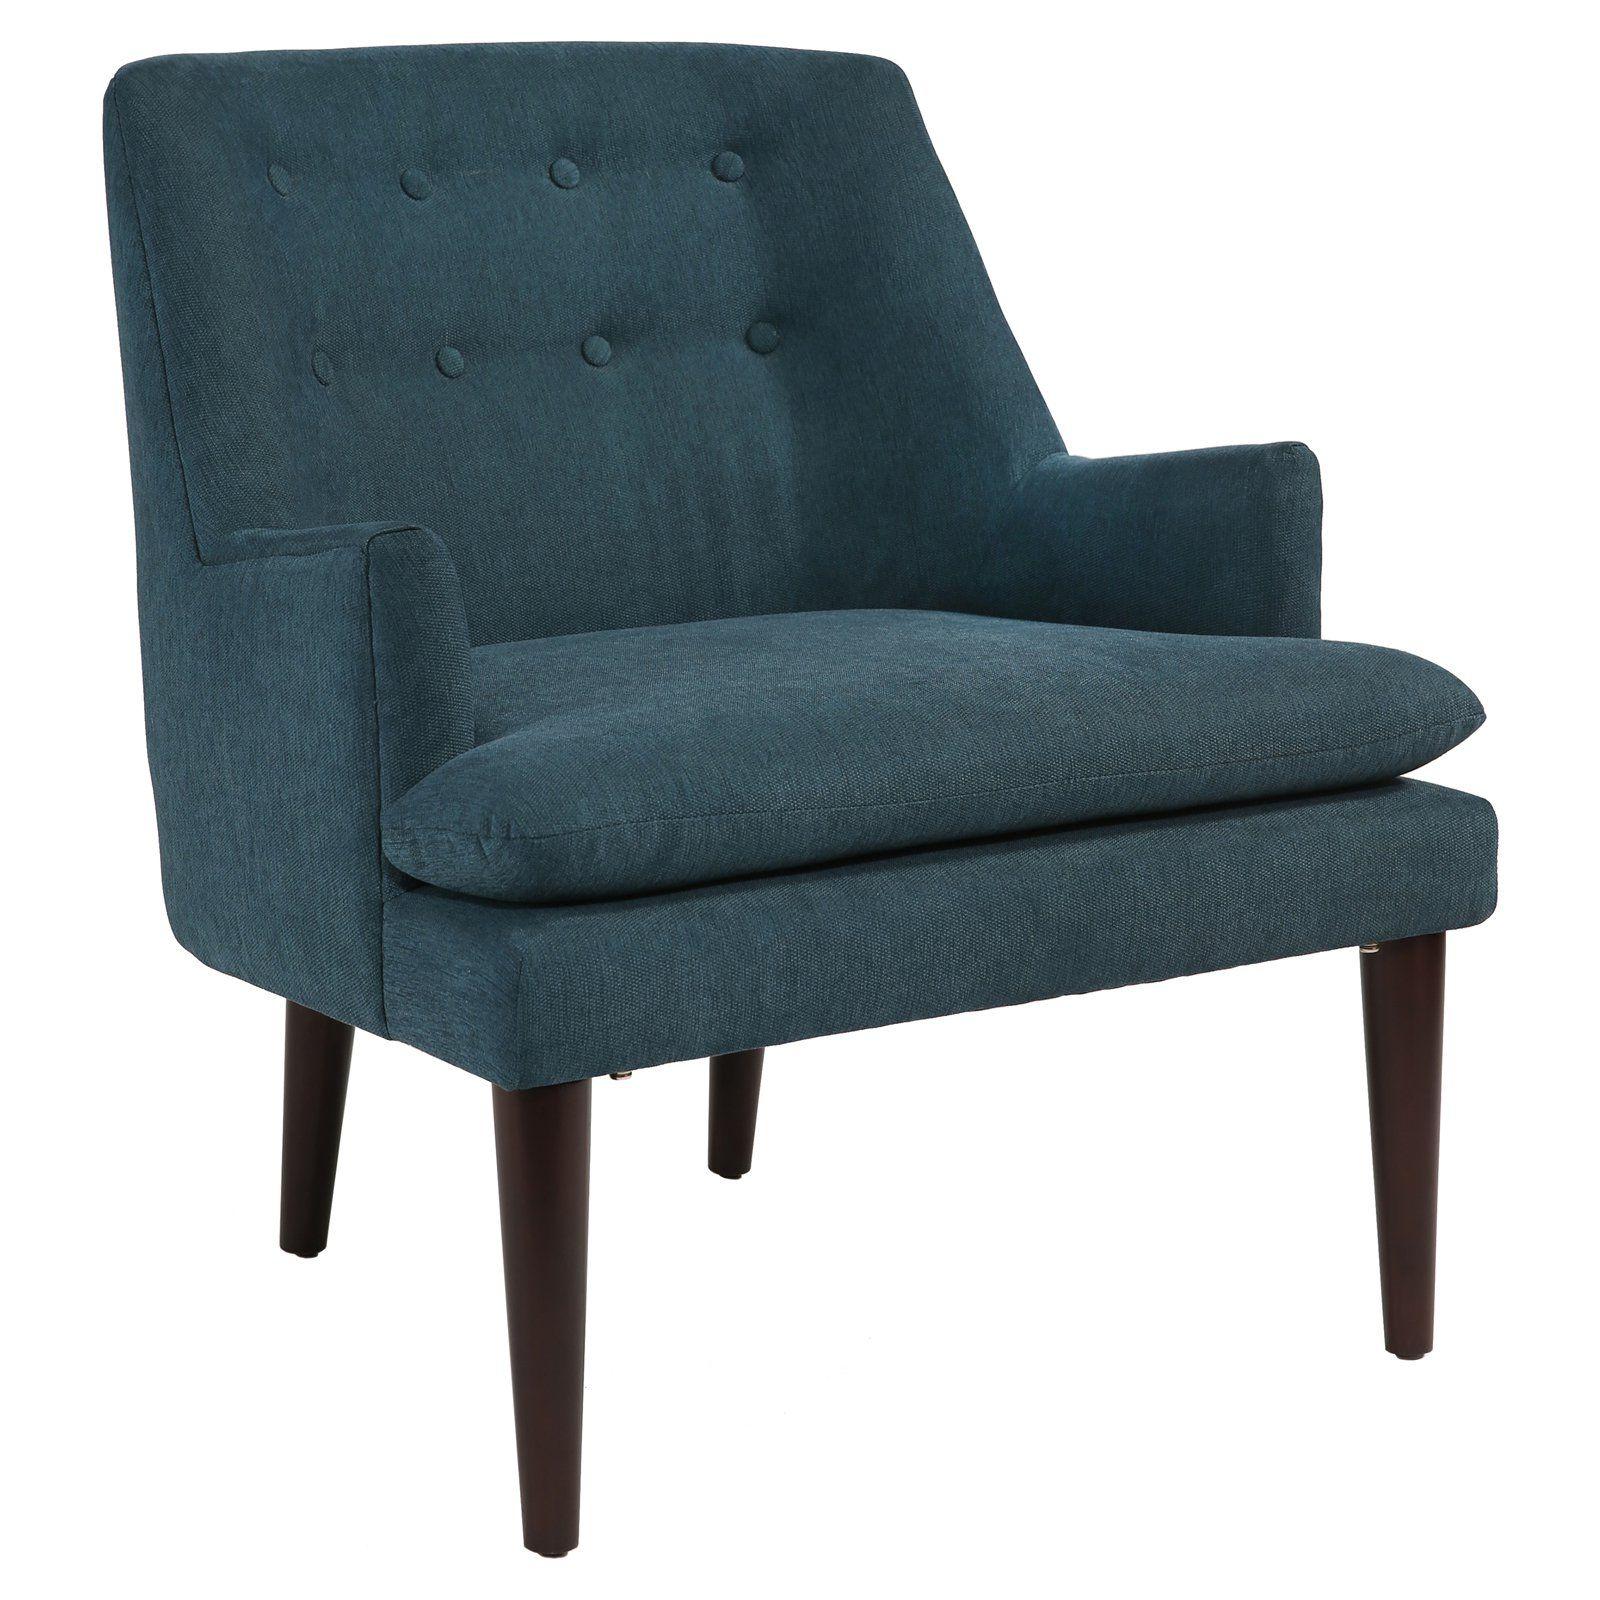 Abbyson Murphy Accent Chair Blue